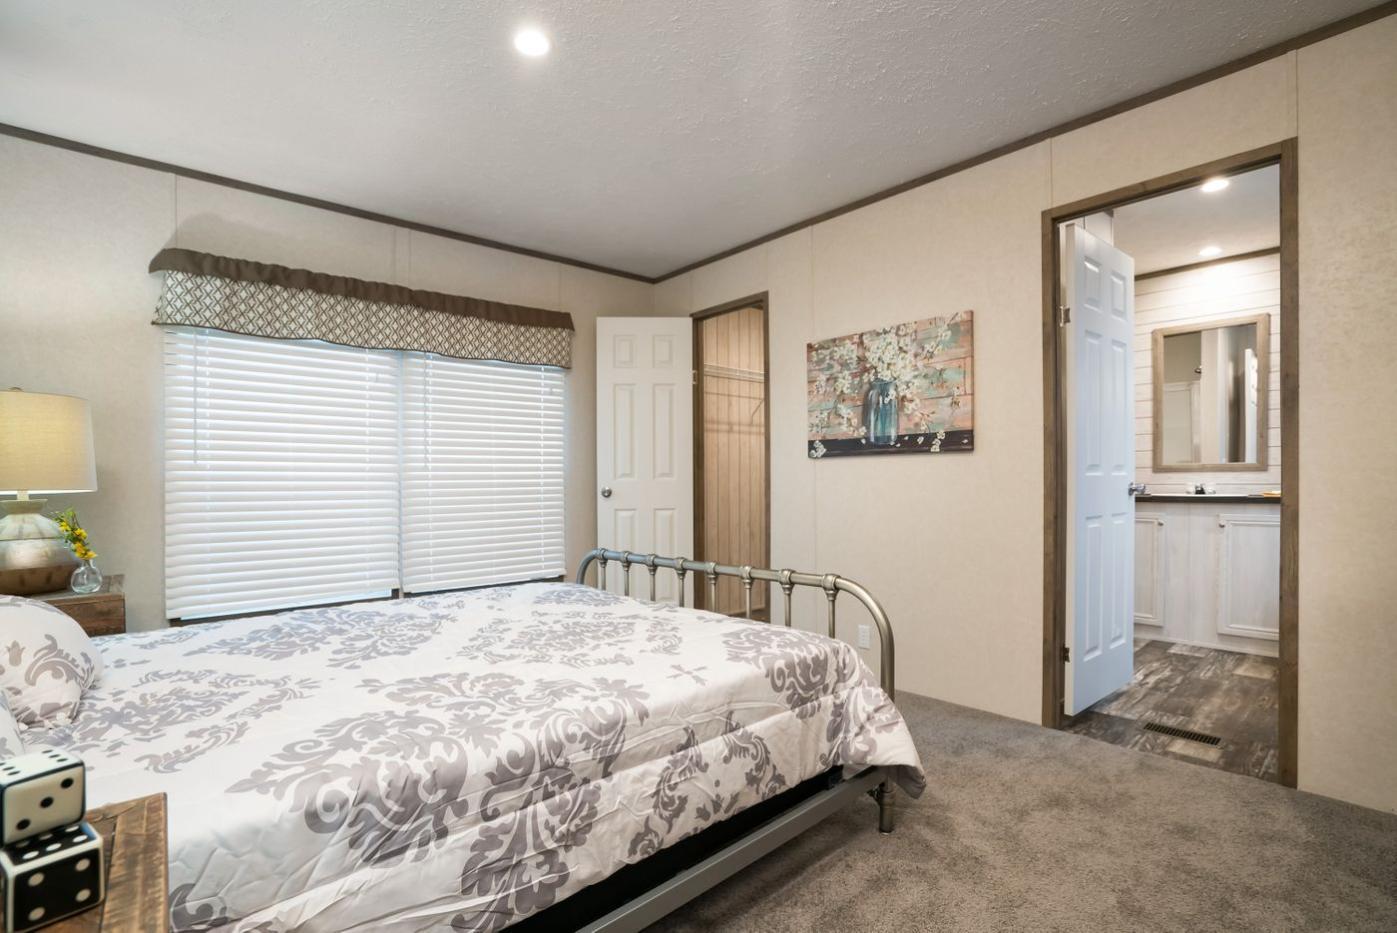 Edg16723a Bedroom